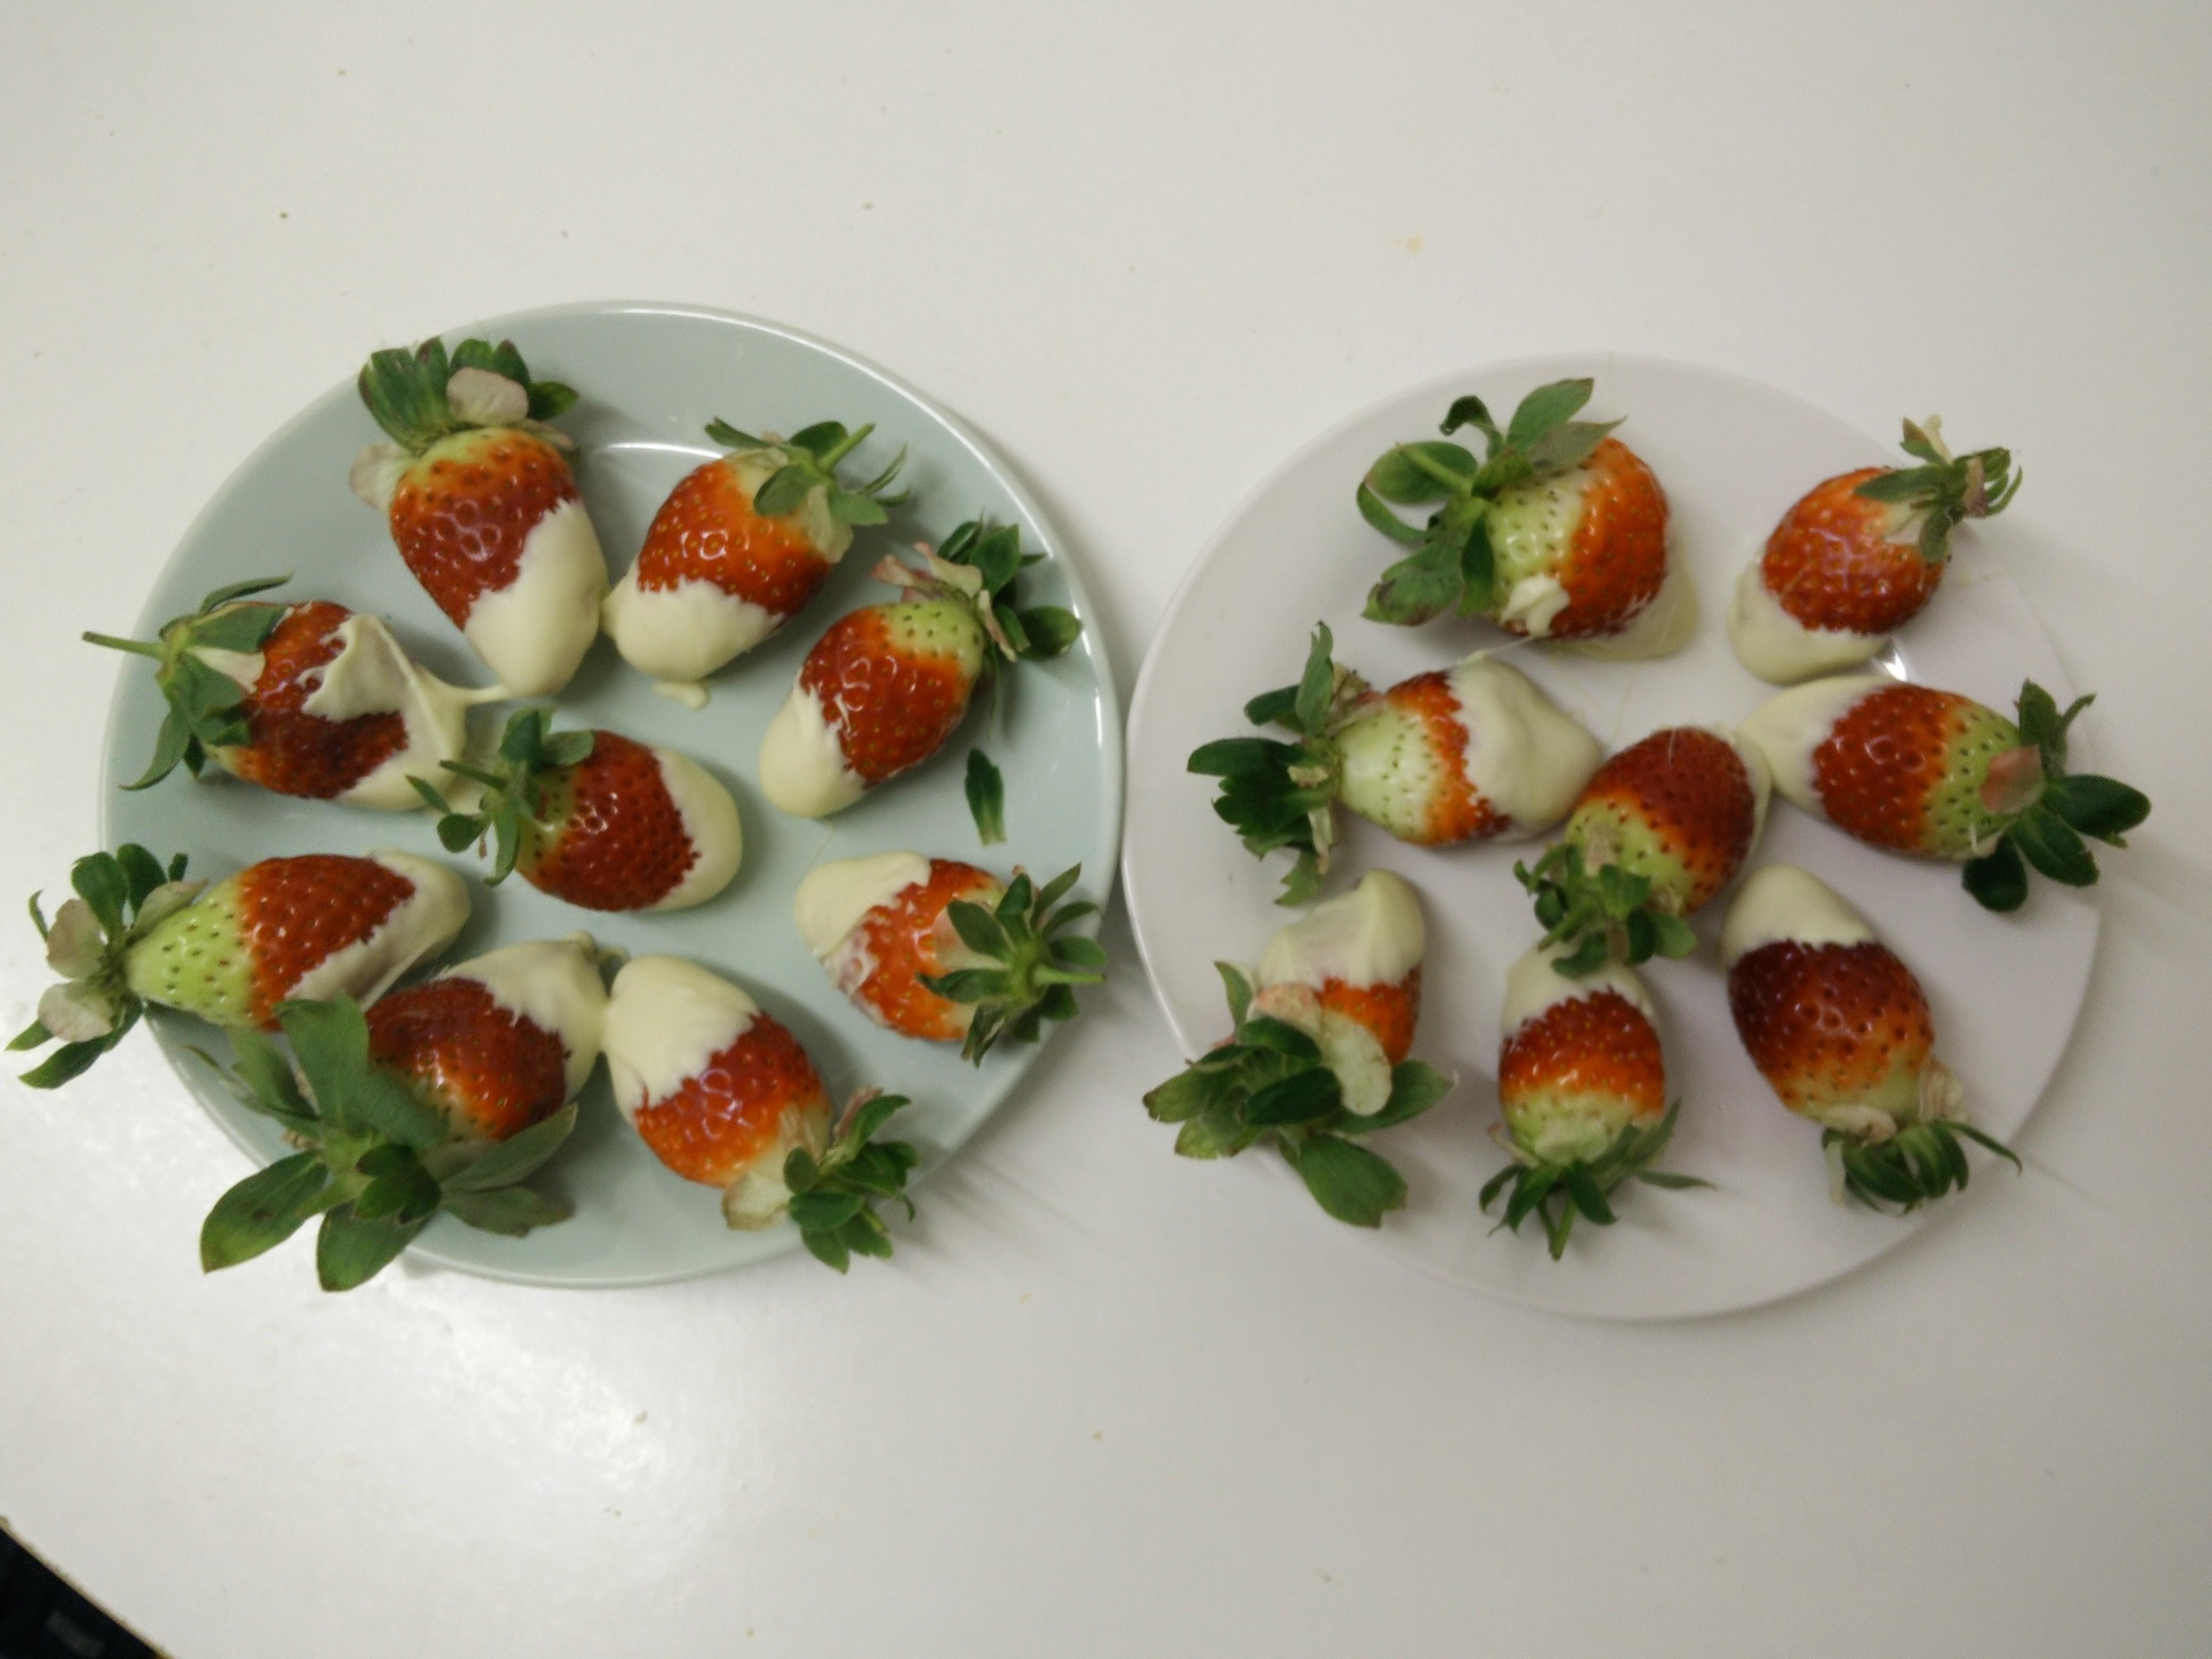 https://foodloader.net/belink_2015-02-17_White_Chocolate_Strawberries.jpg